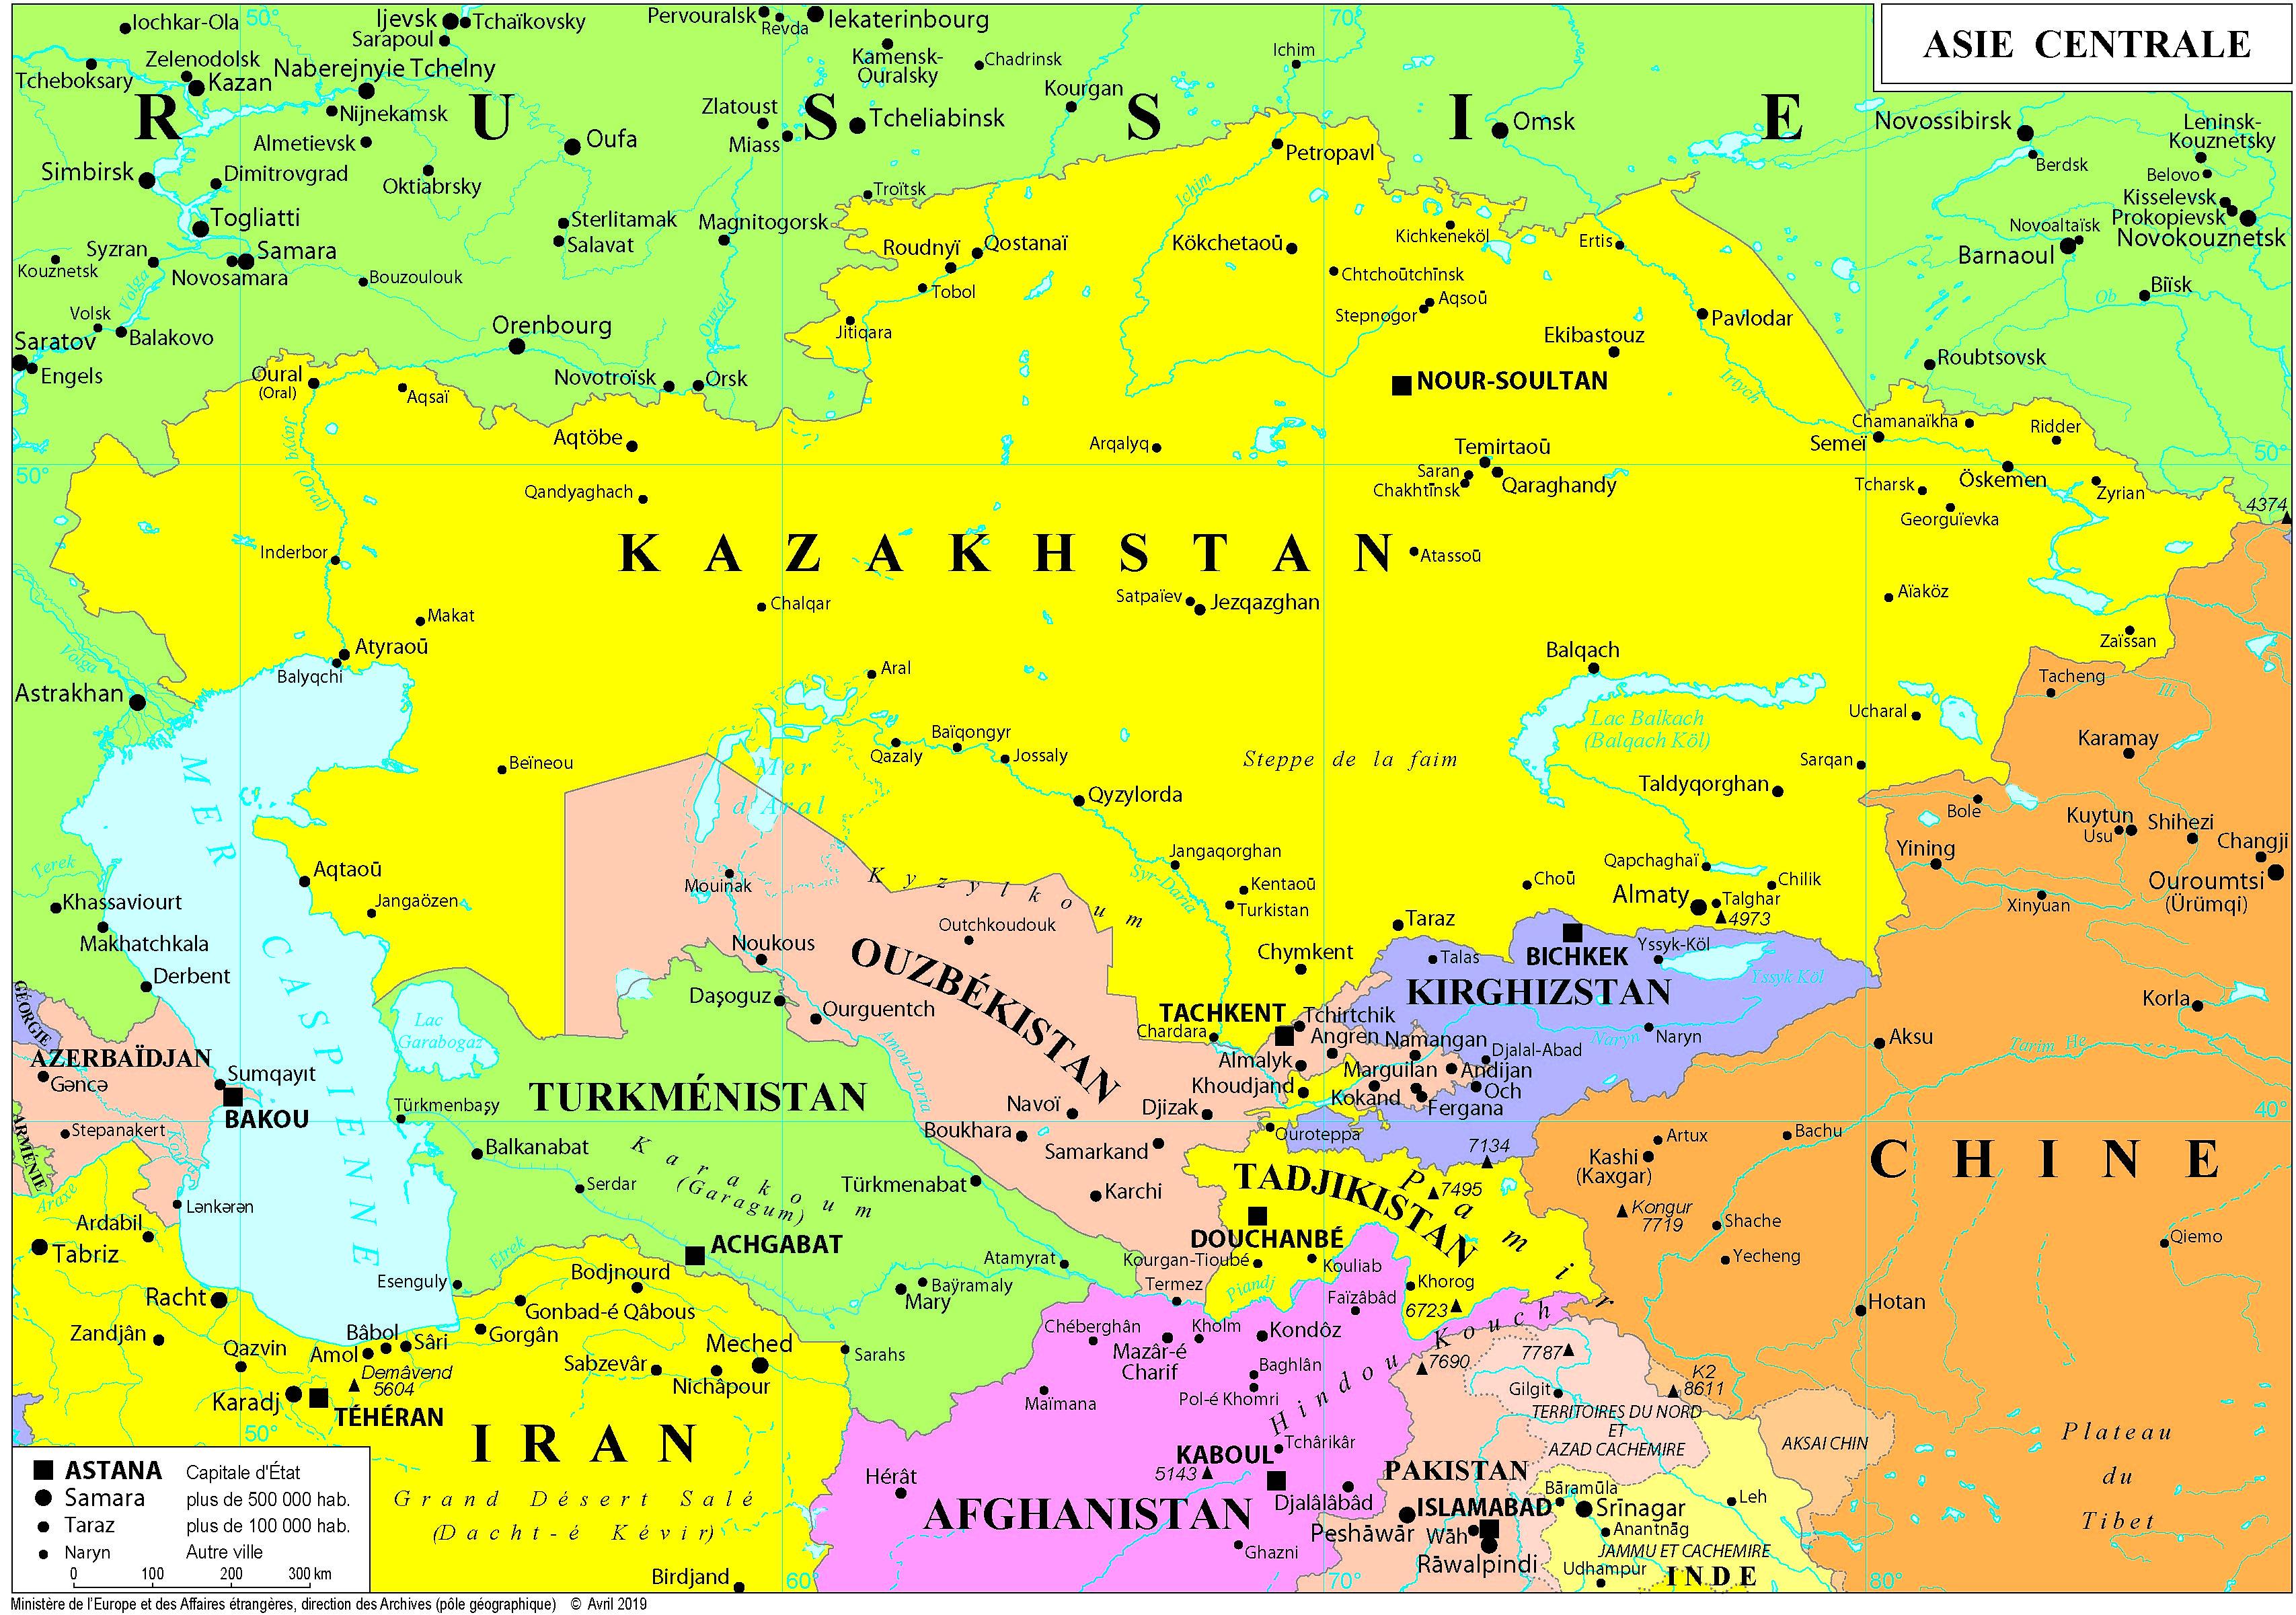 Fond Carte Asie Centrale.Asie Et Oceanie France Diplomatie Ministere De L Europe